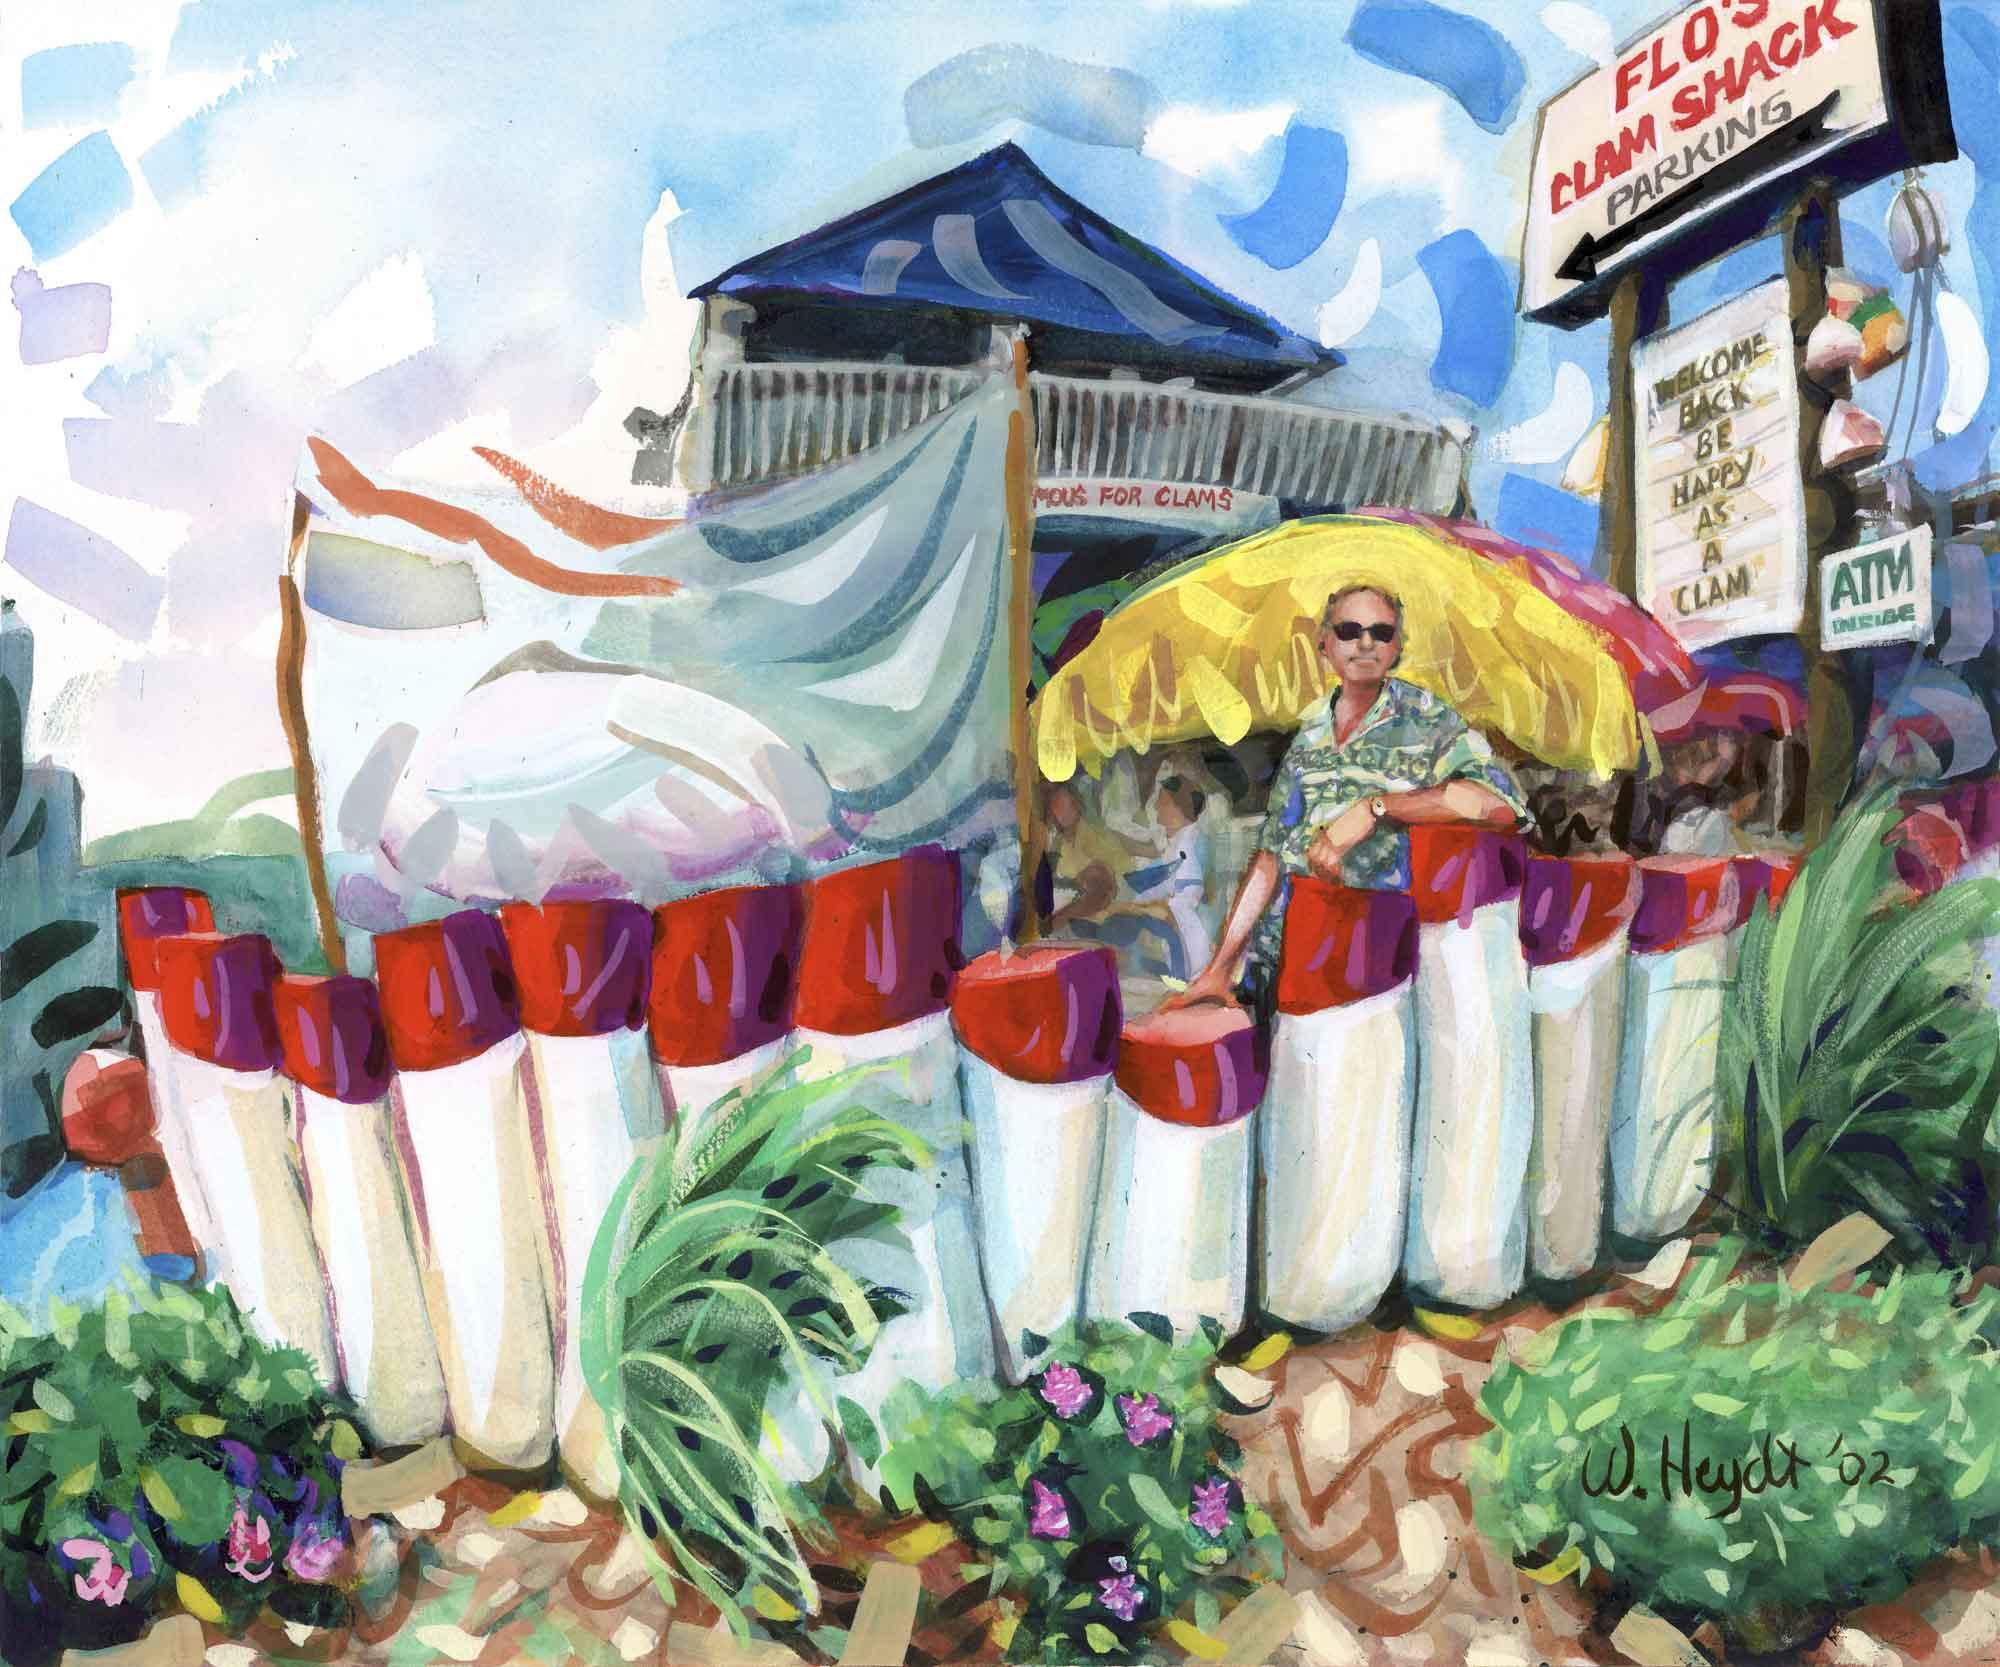 flos clam shack.jpg